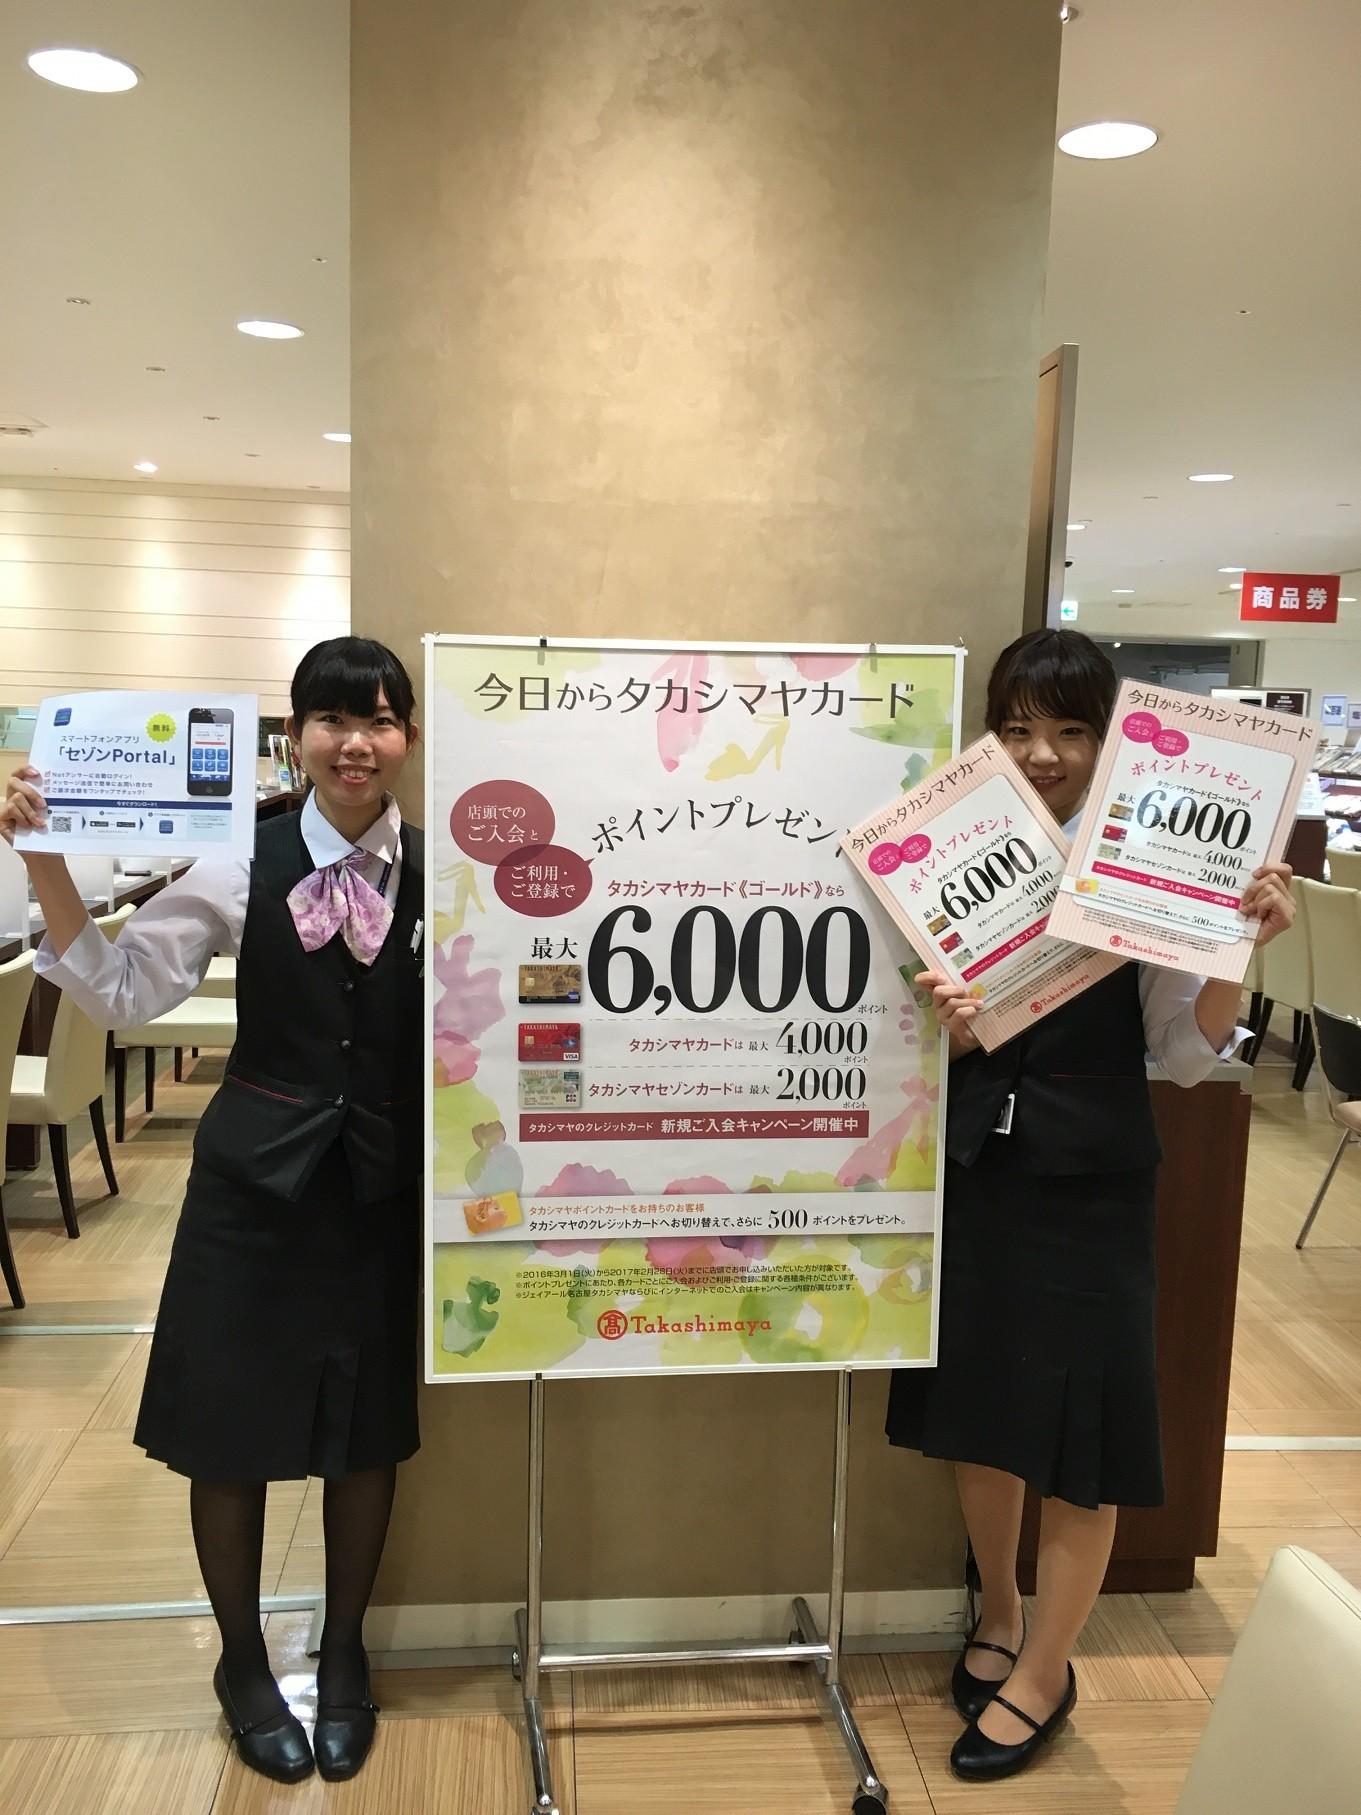 大阪タカシマヤ店内(株式会社クレディセゾン 関西支社) のアルバイト情報